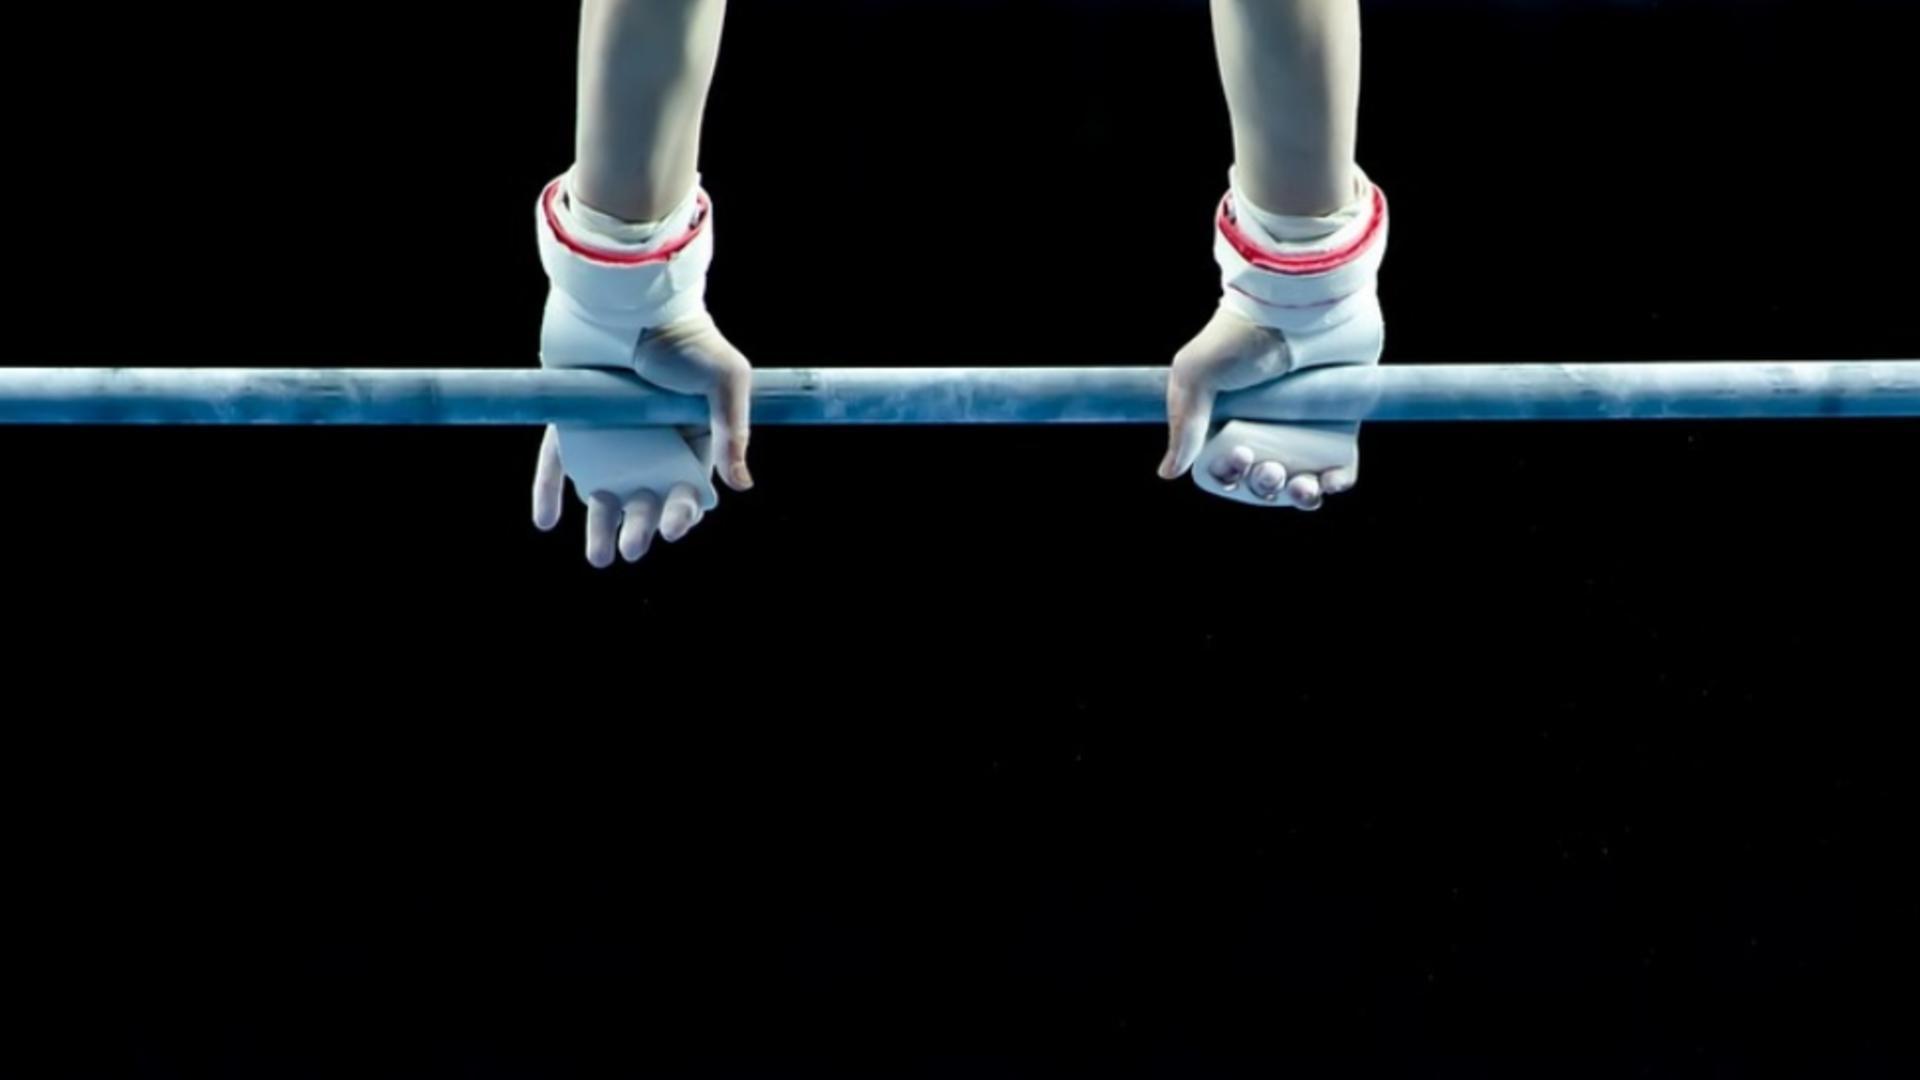 Geddert a fost antrenorul echipei feminine a SUA care a câştigat aurul olimpic în 2012